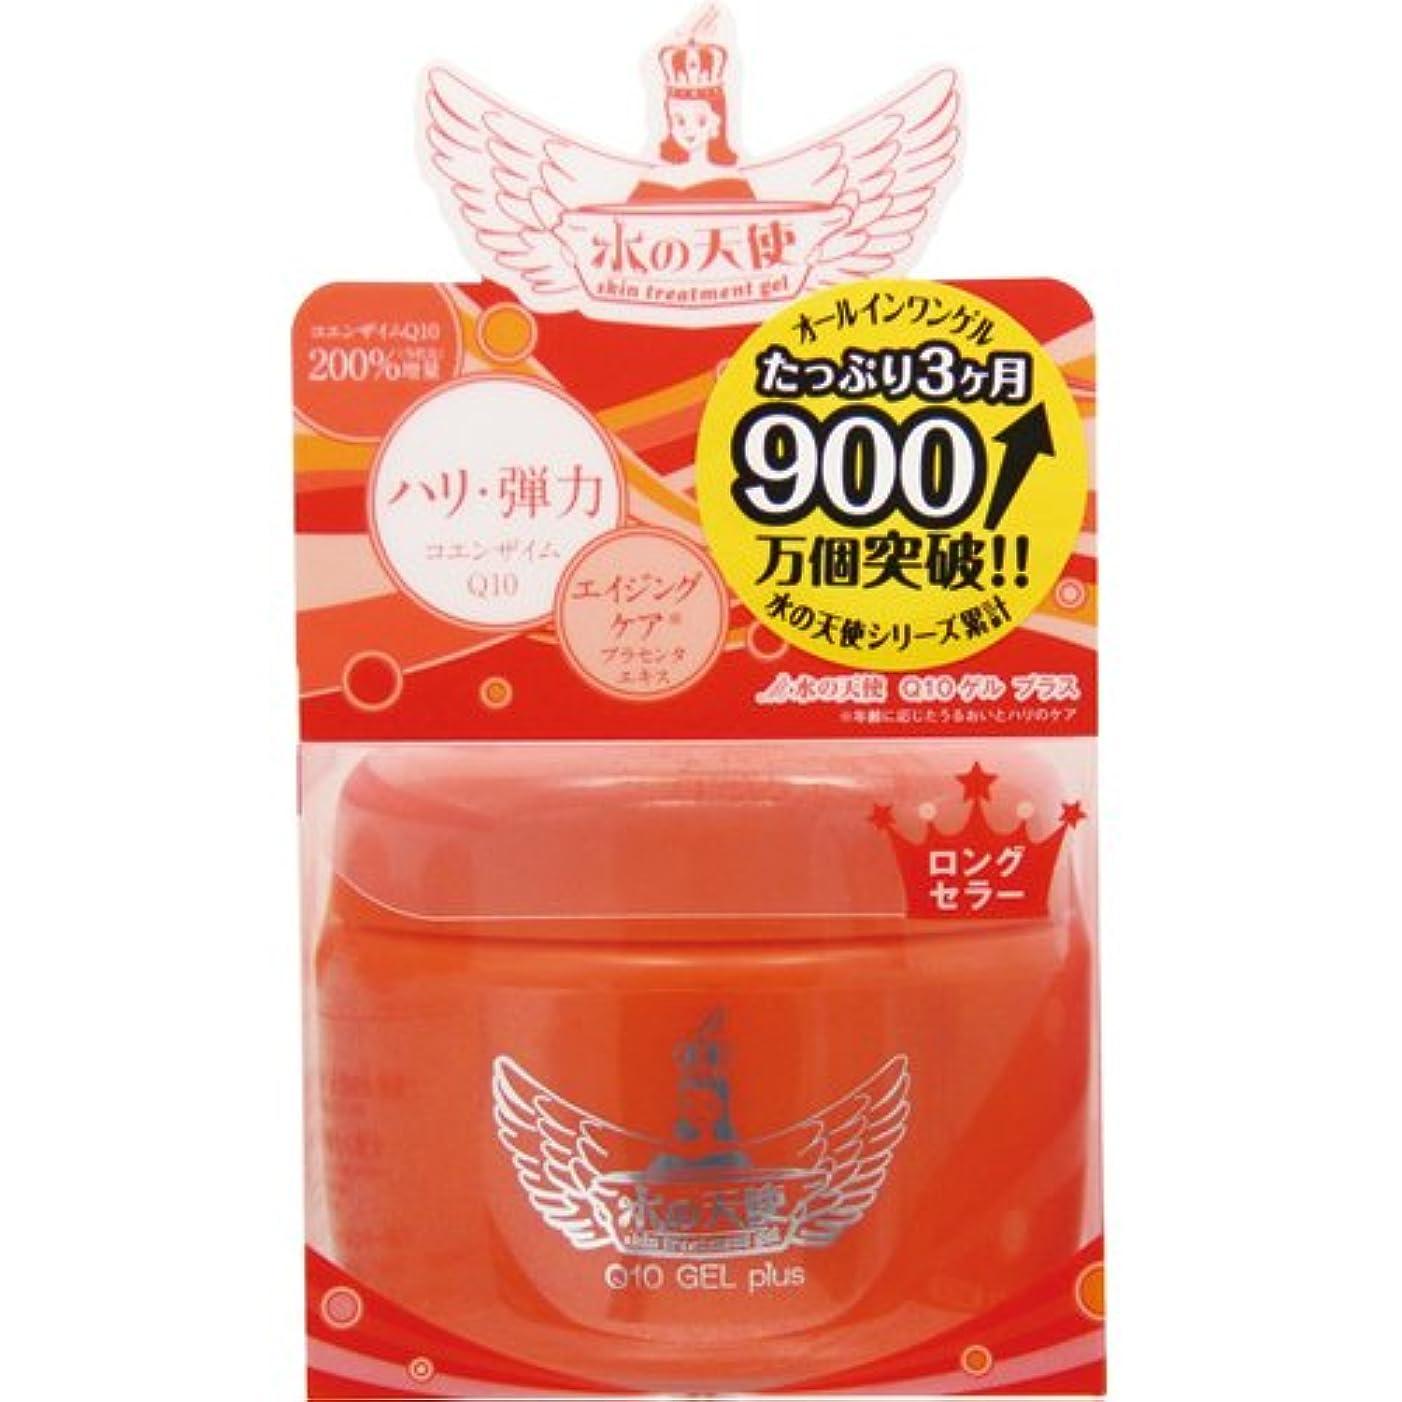 水の天使 Q10ゲルプラス 150g